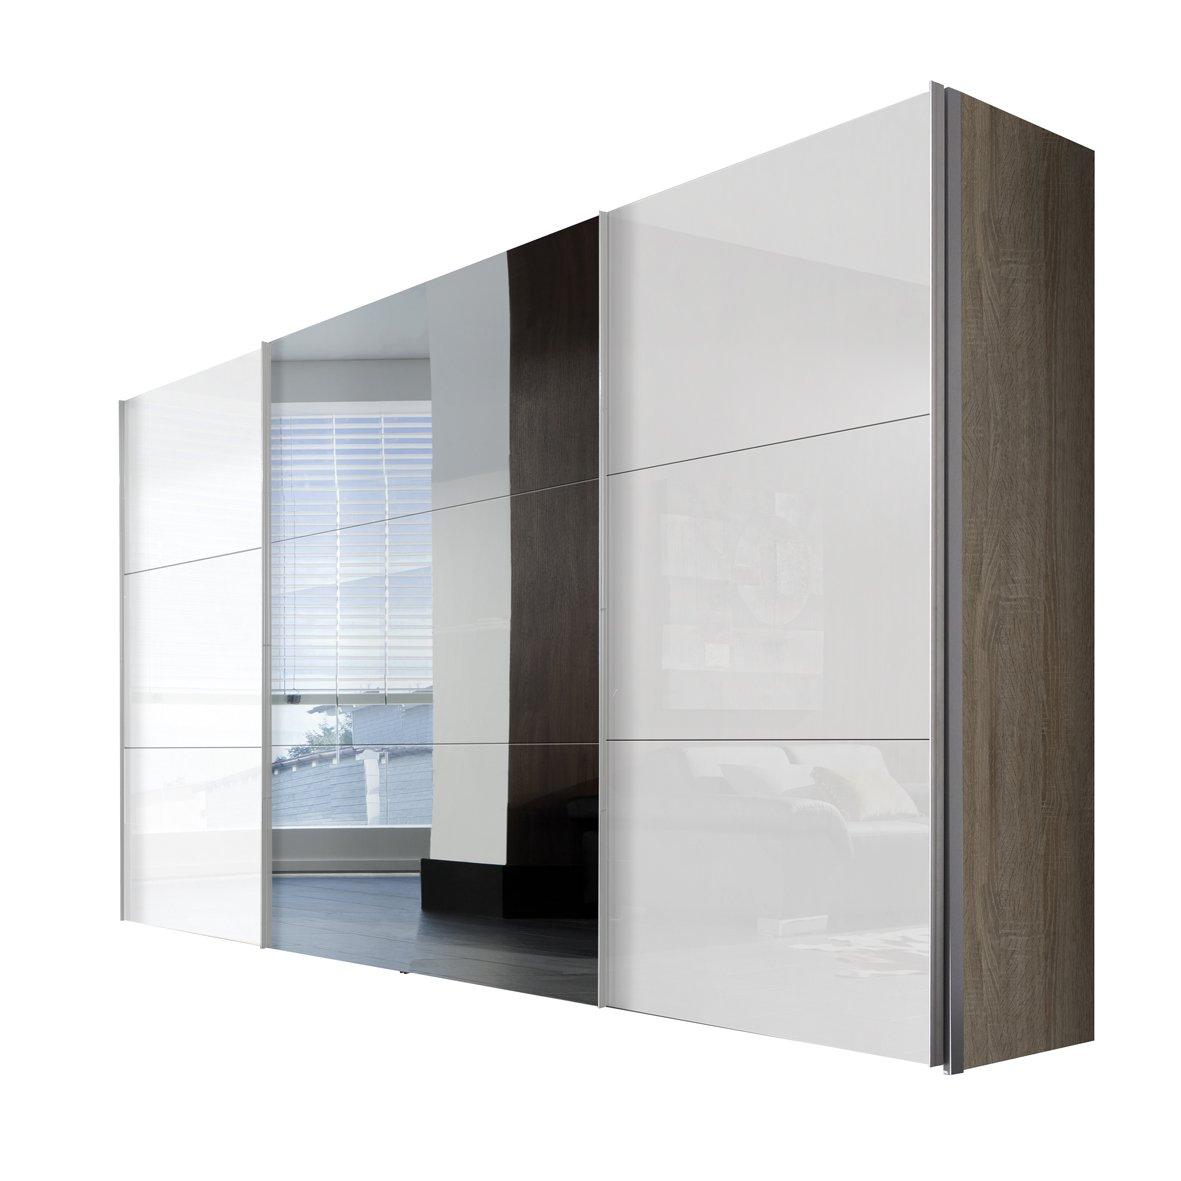 Solutions 45350-768 Schwebetürenschrank 3-türig, Griffleisten Alufarben, Korpus Sonoma-Eiche / Front Lack weiß und Spiegel